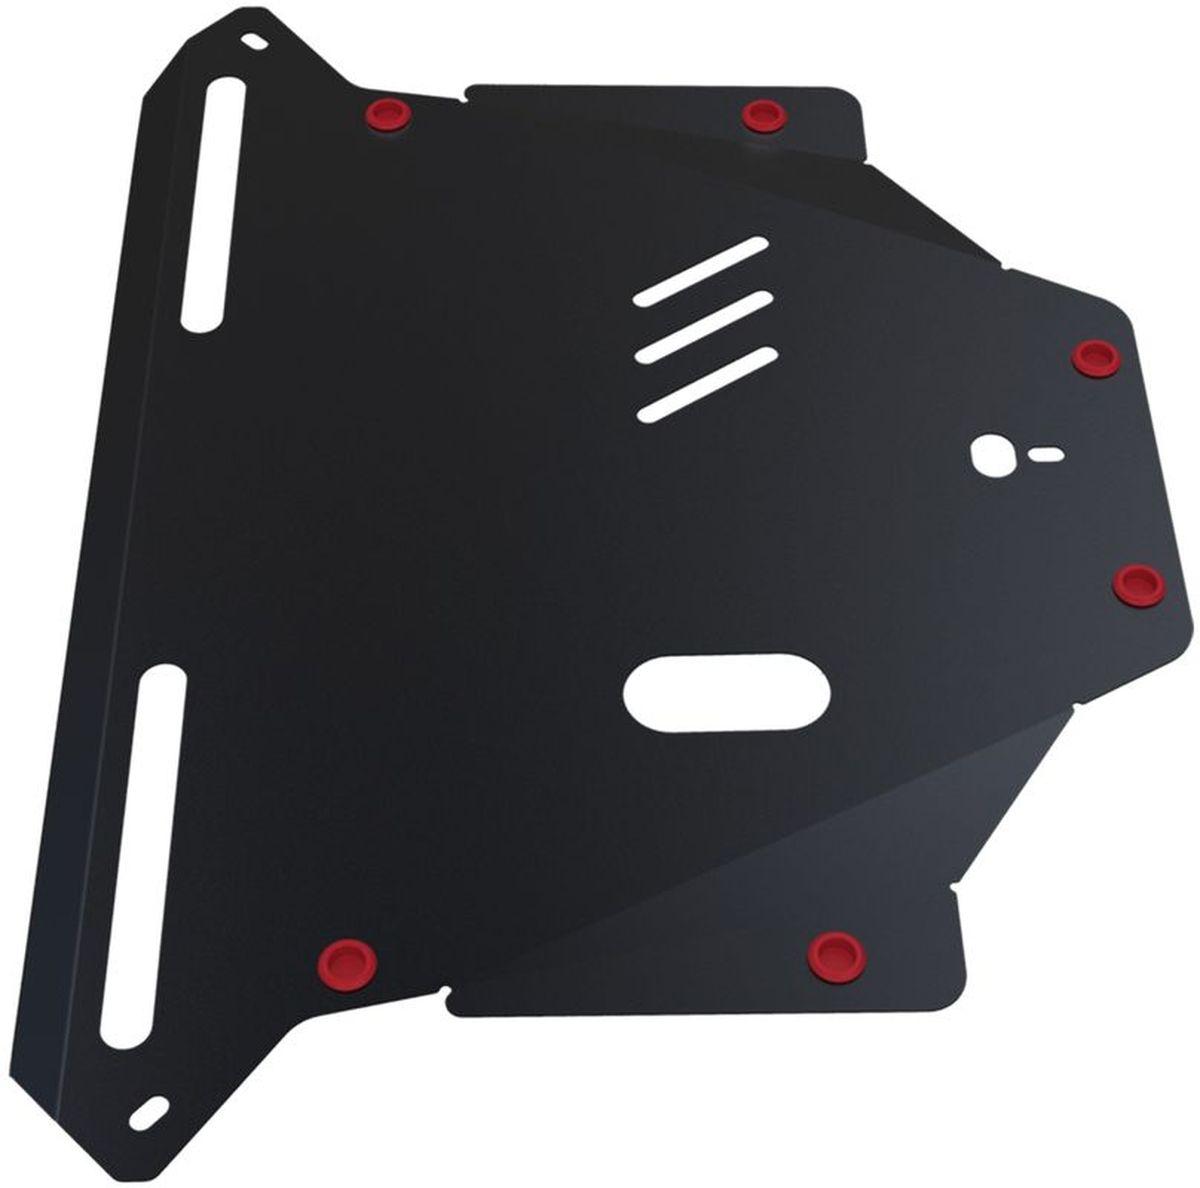 Защита картера и КПП Автоброня, для Honda CR-V II. 111.02110.11004900000360Технологически совершенный продукт за невысокую стоимость.Защита разработана с учетом особенностей днища автомобиля, что позволяет сохранить дорожный просвет с минимальным изменением.Защита устанавливается в штатные места кузова автомобиля. Глубокий штамп обеспечивает до двух раз больше жесткости в сравнении с обычной защитой той же толщины. Проштампованные ребра жесткости препятствуют деформации защиты при ударах.Тепловой зазор и вентиляционные отверстия обеспечивают сохранение температурного режима двигателя в норме. Скрытый крепеж предотвращает срыв крепежных элементов при наезде на препятствие.Шумопоглощающие резиновые элементы обеспечивают комфортную езду без вибраций и скрежета металла, а съемные лючки для слива масла и замены фильтра - экономию средств и время.Конструкция изделия не влияет на пассивную безопасность автомобиля (при ударе защита не воздействует на деформационные зоны кузова). Со штатным крепежом. В комплекте инструкция по установке.Толщина стали: 2 мм.